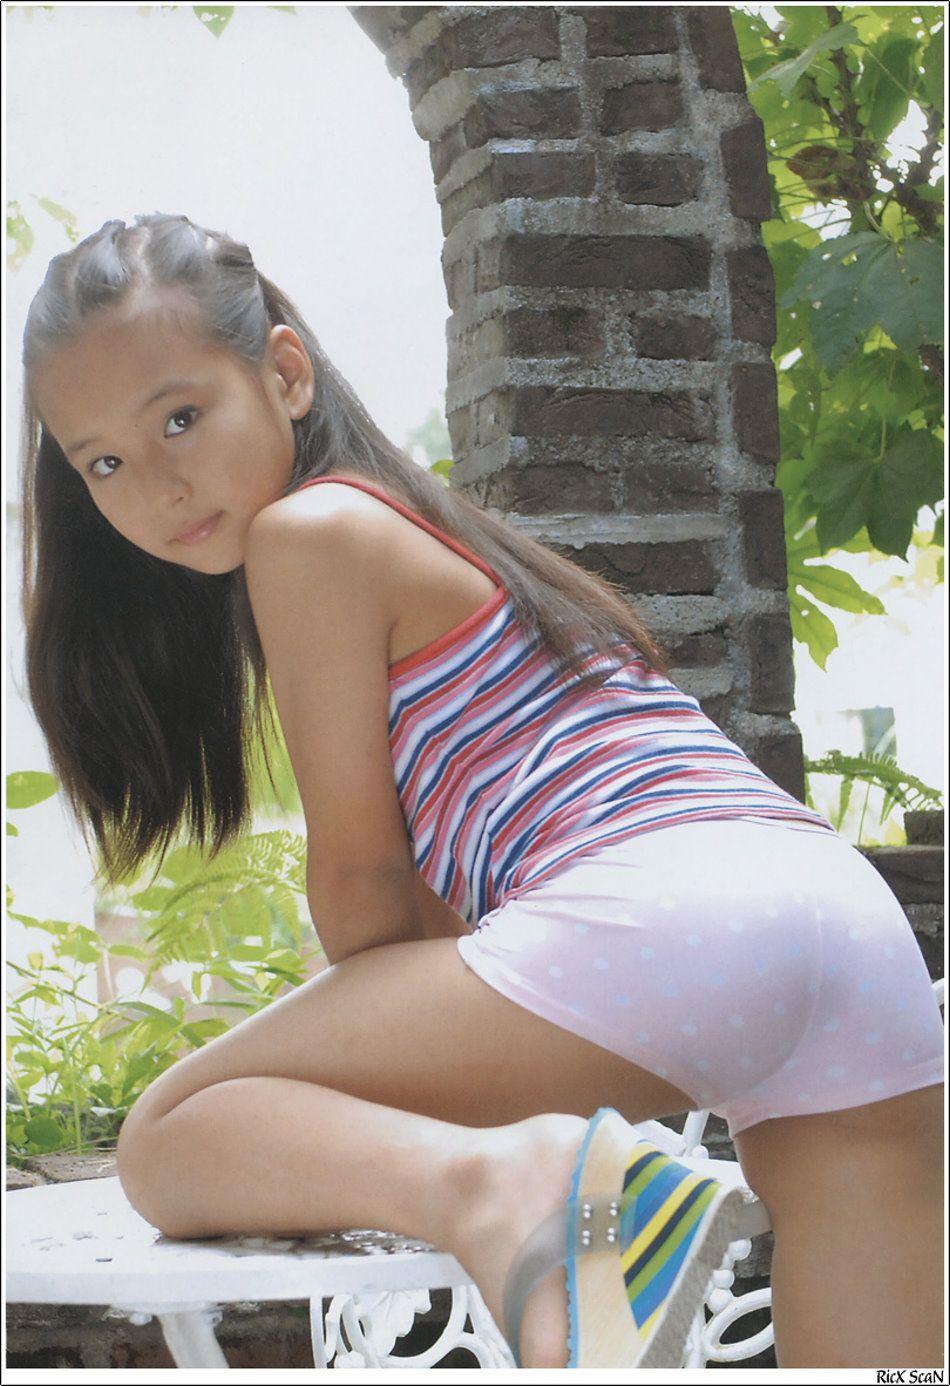 ジュニアアイドル u15